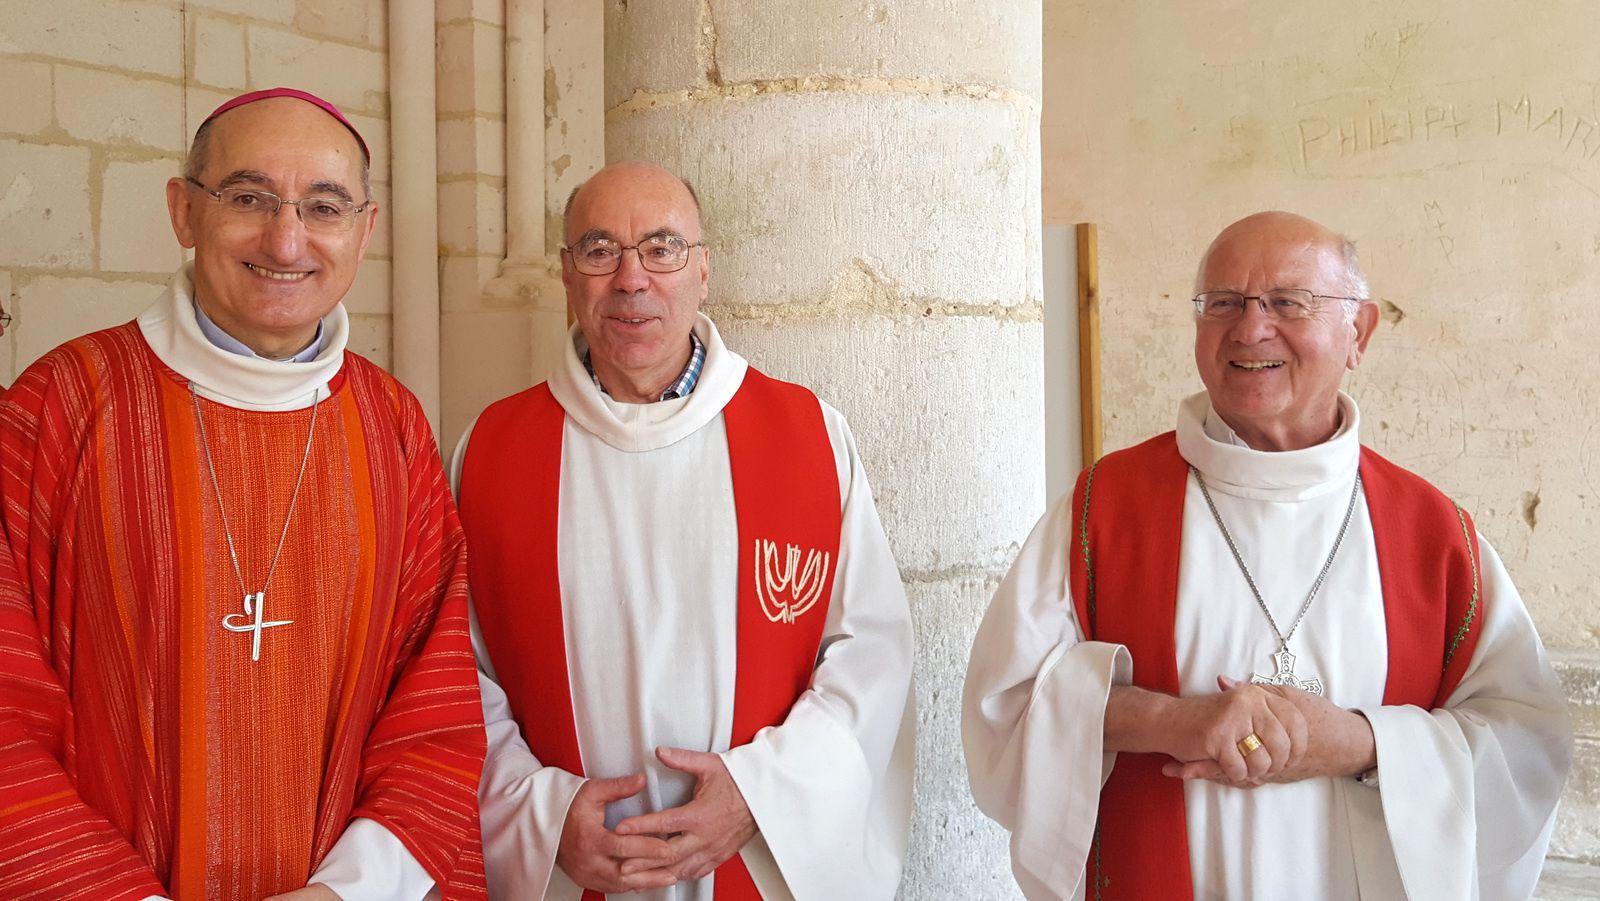 Hervé GIRAUD, Arnaud FAVART, vicaire général et Yves PATENOTRE (ancien évêque de la Mission de France)